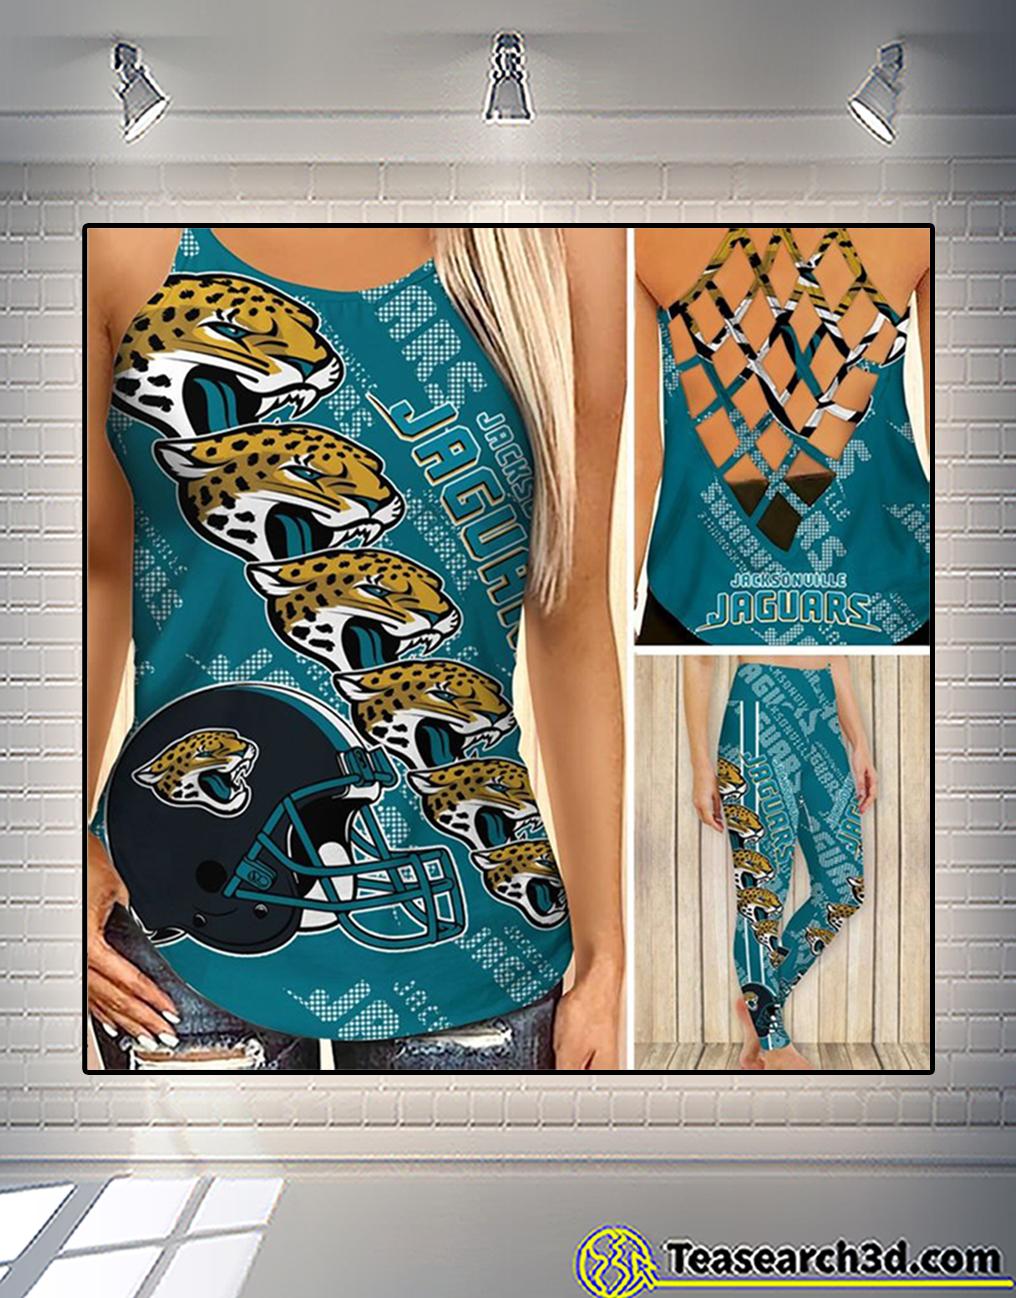 Jacksonville jaguars criss cross tank top and leggings